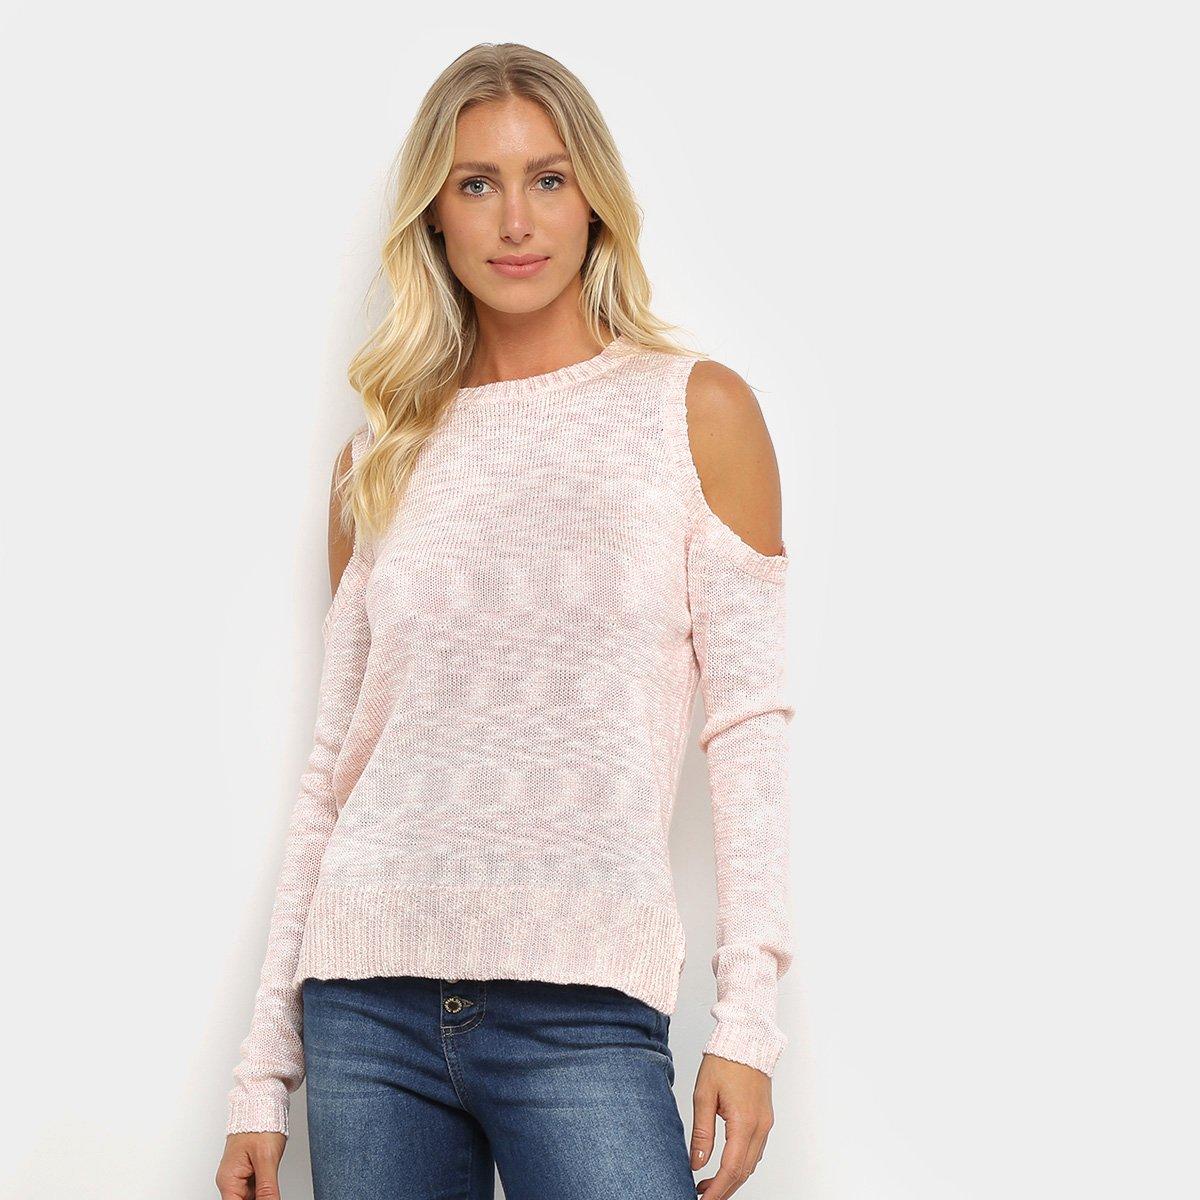 Suéter Tricot Facinelli Recorte Ombro Feminino